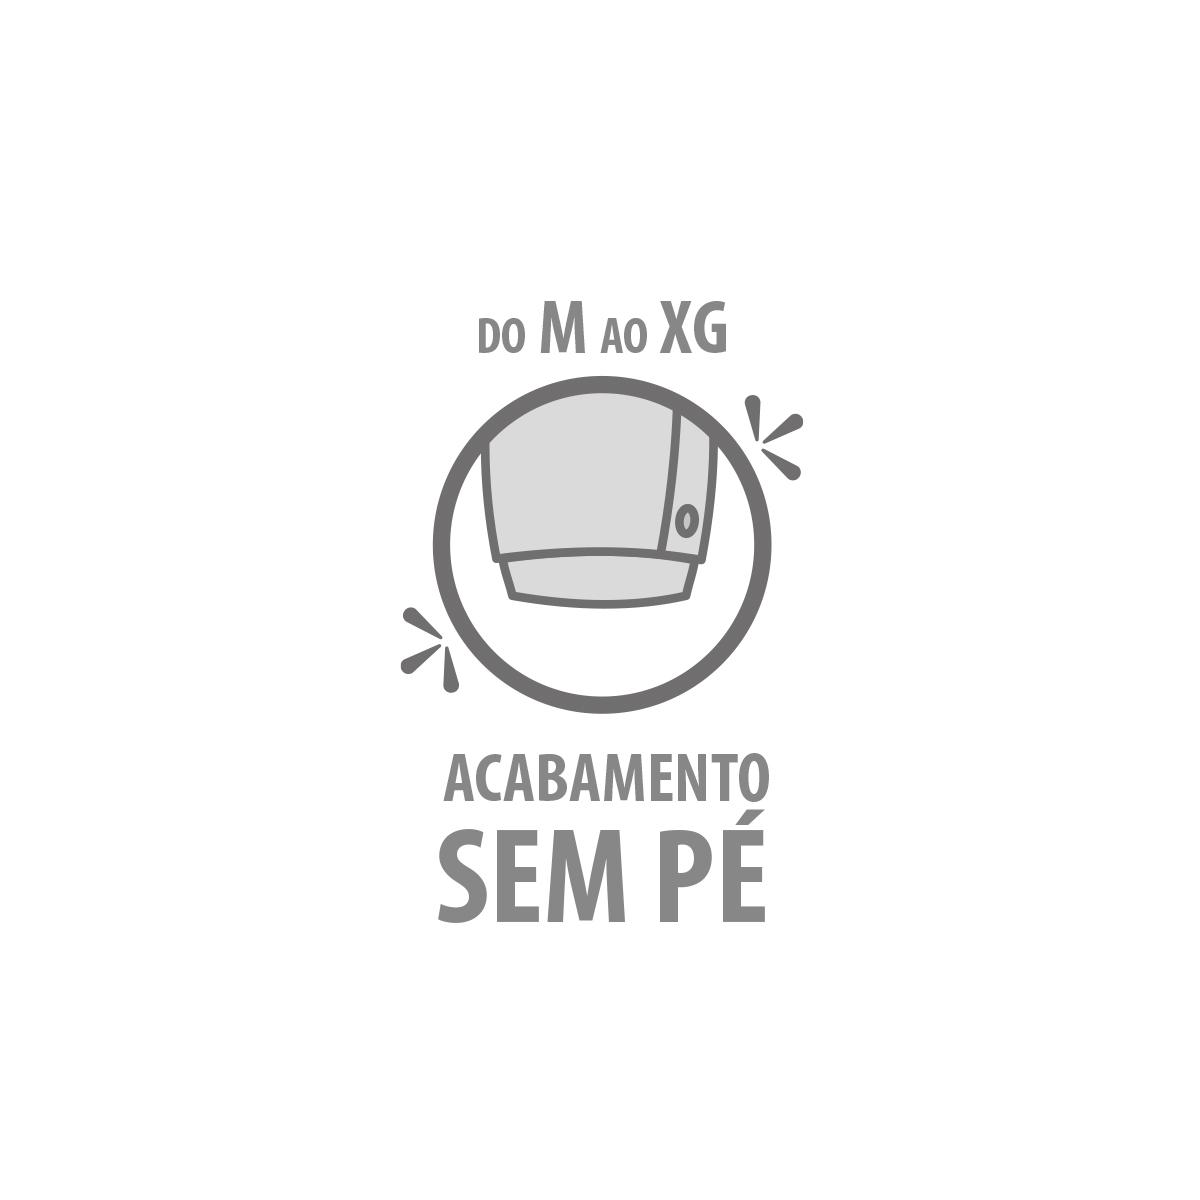 Macacão Soft Carinhas Rosa - Tamanhos RN e P com pezinho; M ao XG sem pezinho  - Piu Blu